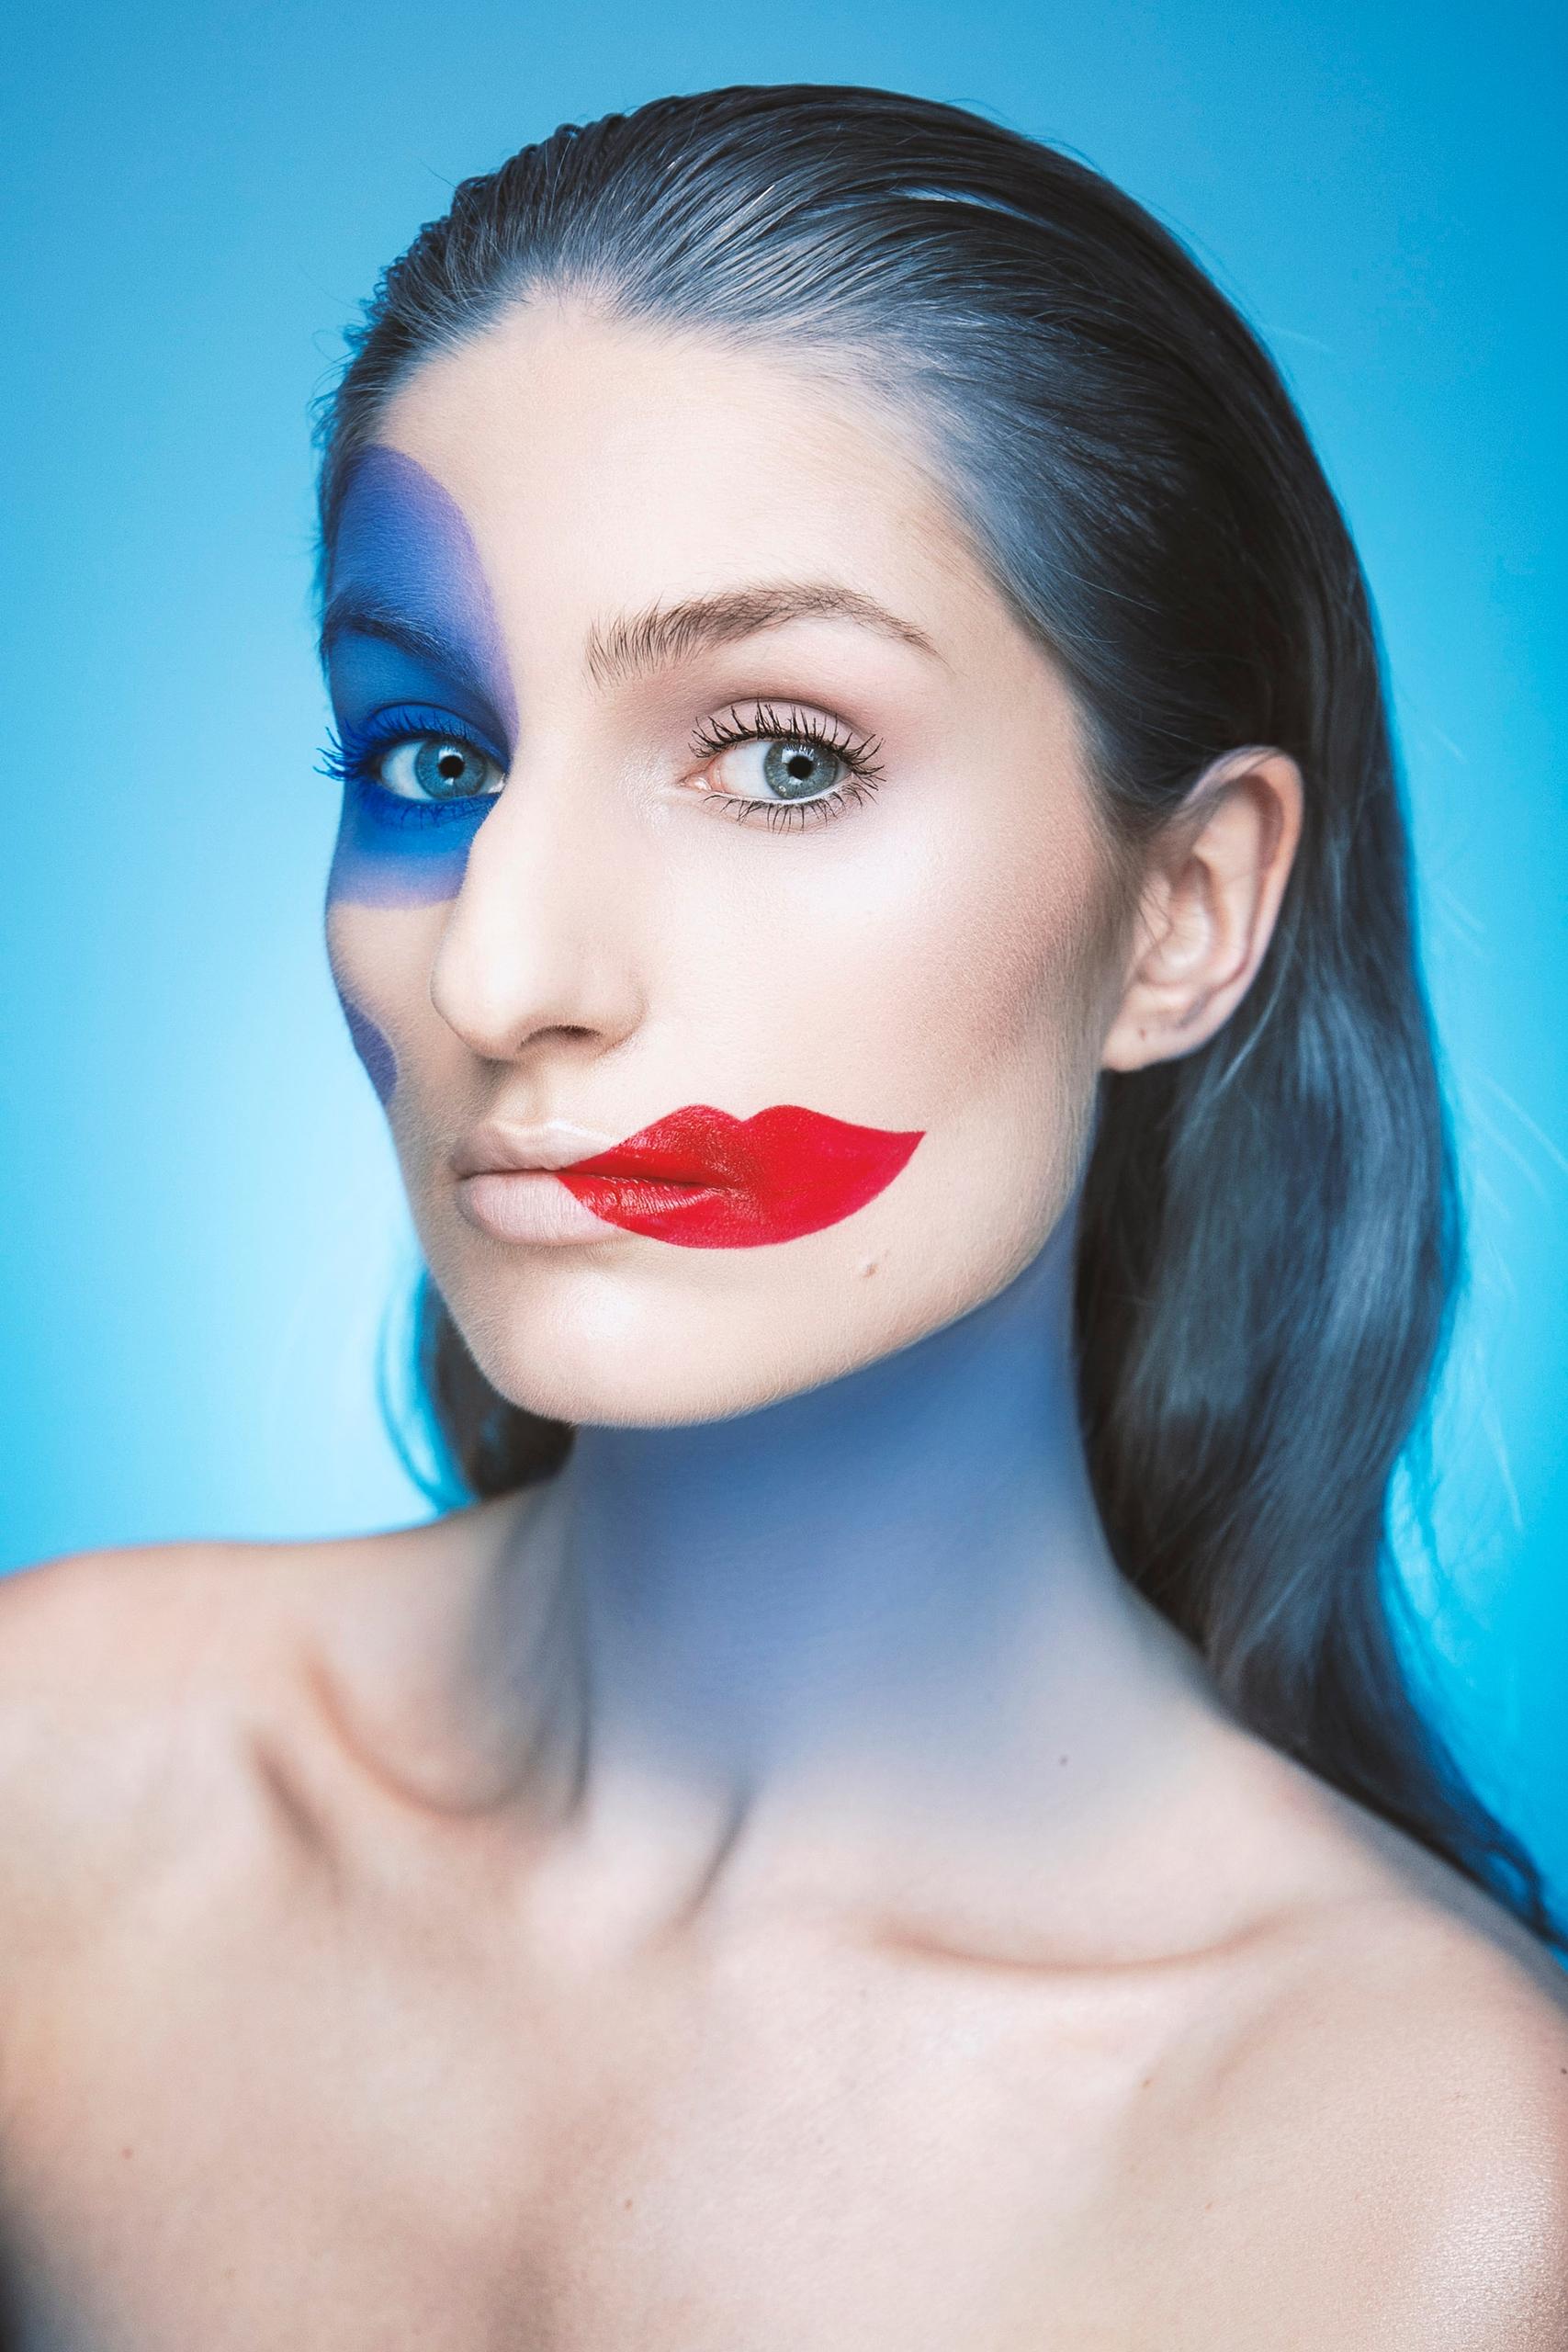 Fotografia przedstawia kobietę na niebieskim tle. Kobieta ma namalowane czerwone usta z boku twarzy.